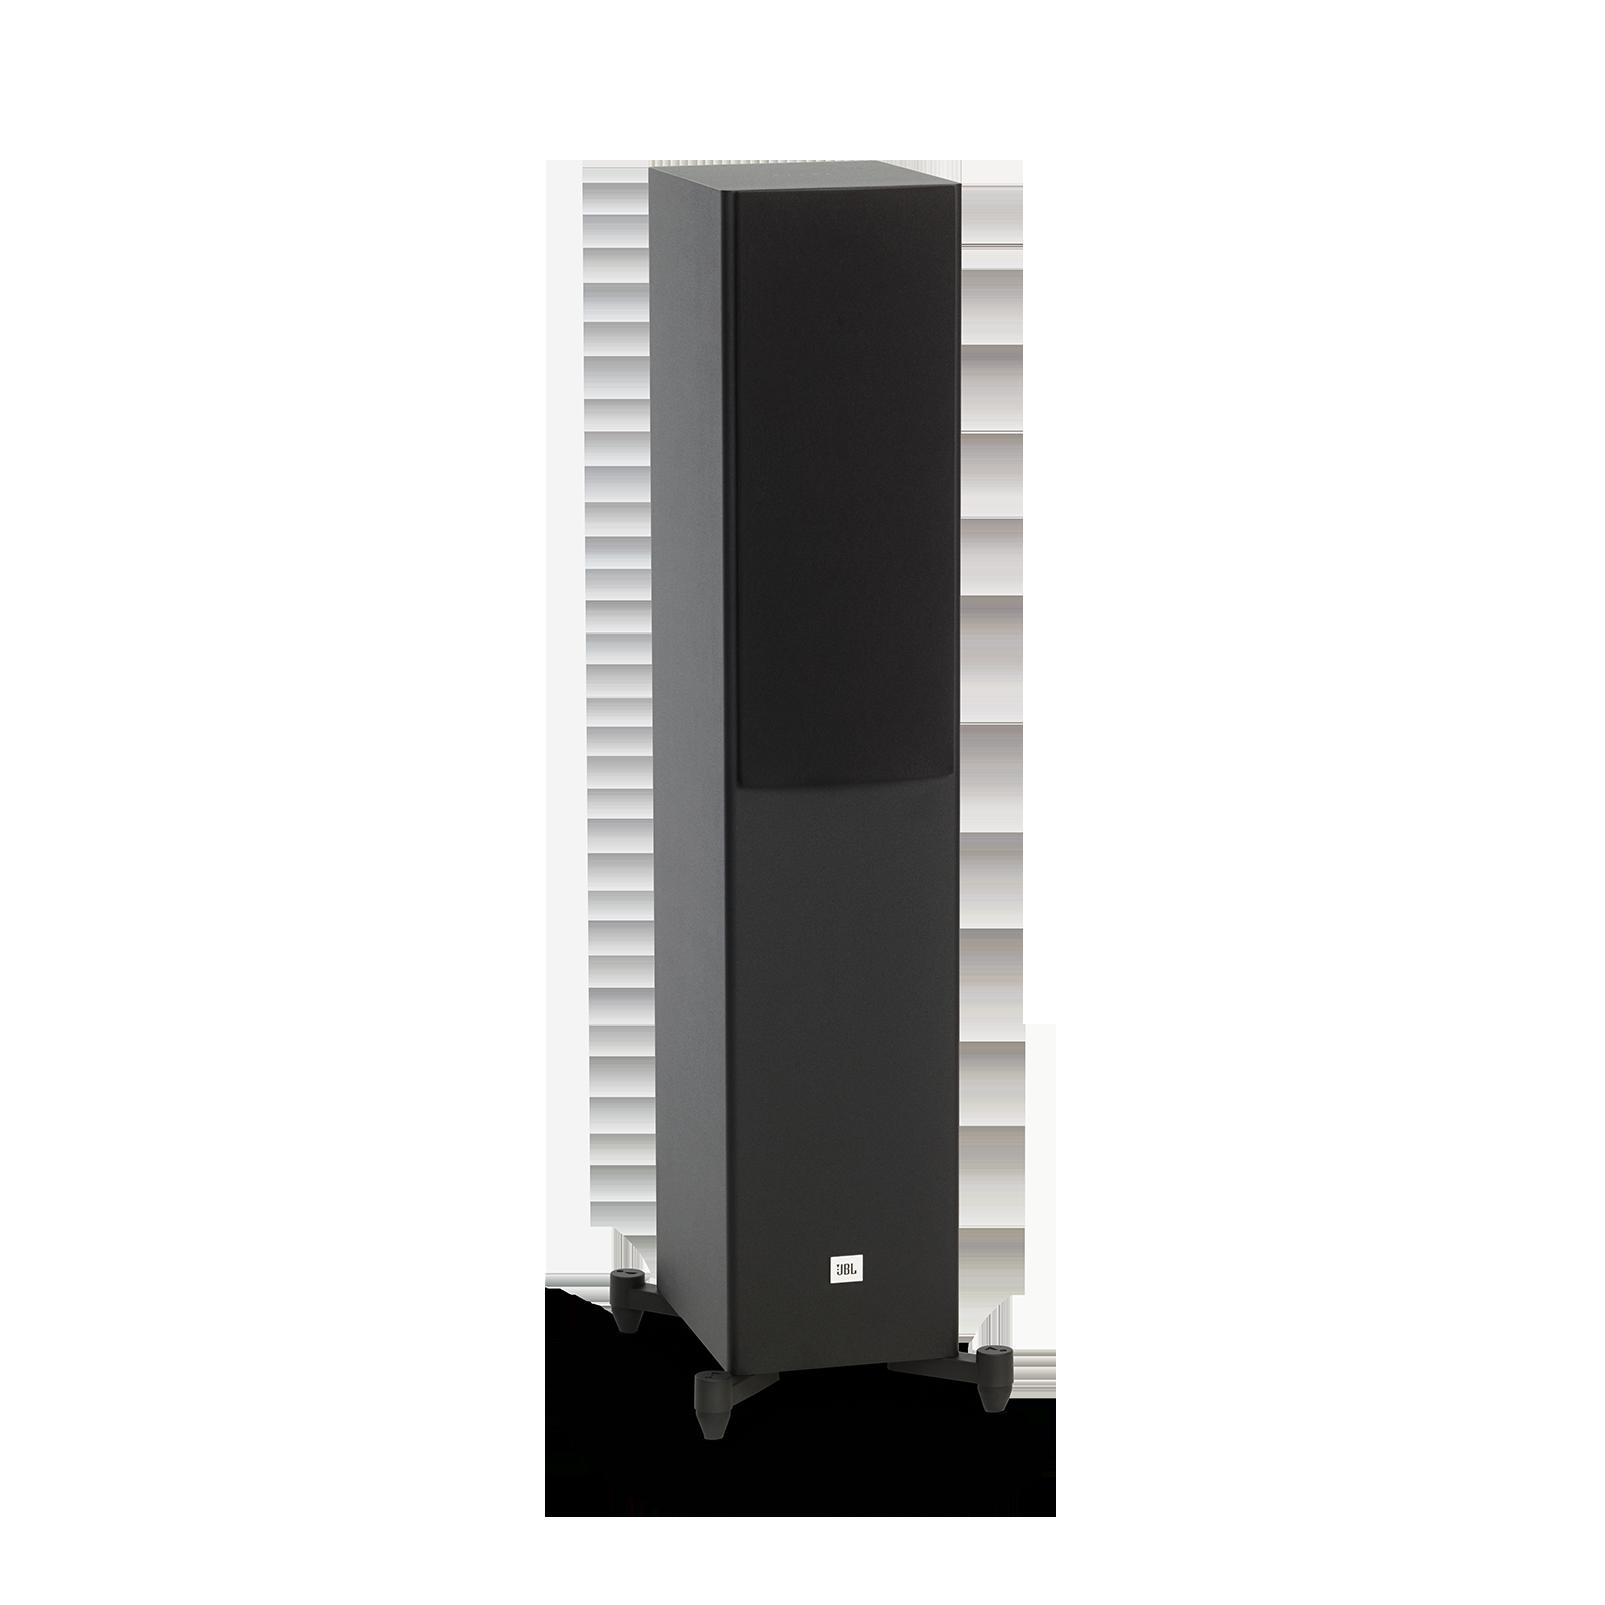 JBL Stage A170 - Black - Home Audio Loudspeaker System - Hero